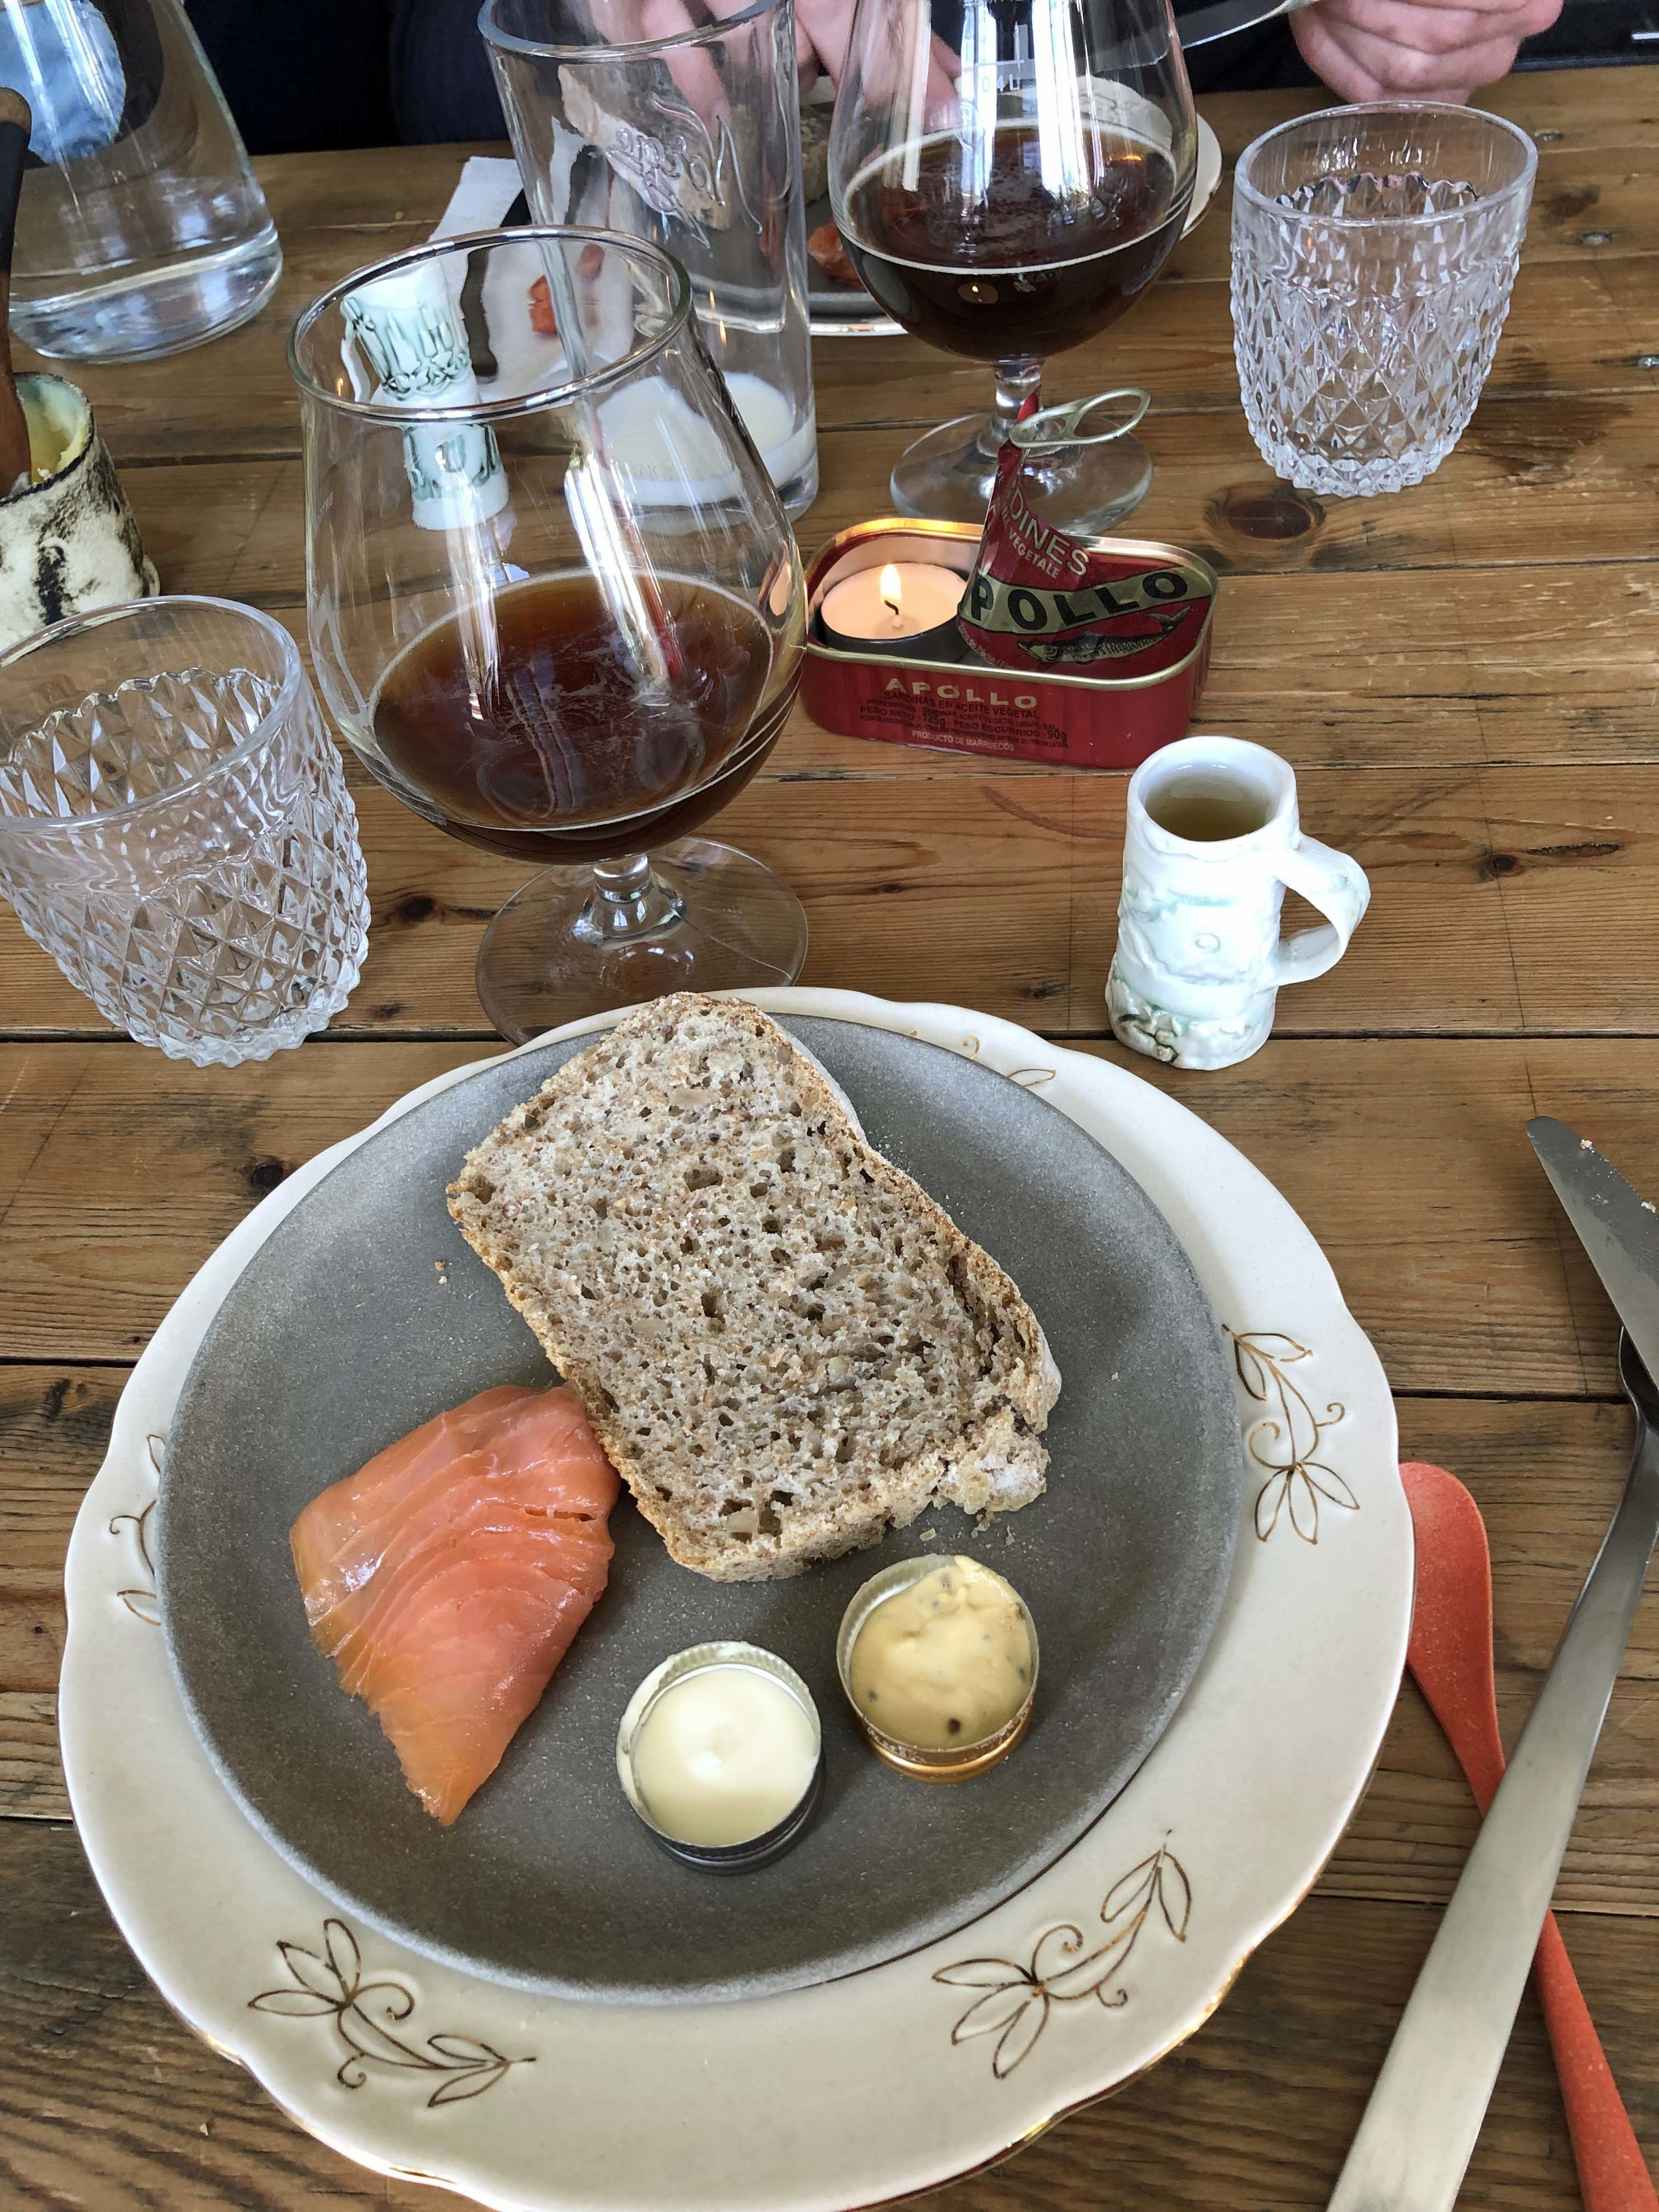 Laks fra Frøya serveres med hjemmebakt brød, saus og rømme i tomme spritkorker, Frøya-øl og akevitt i konas hjemmelagde krus.